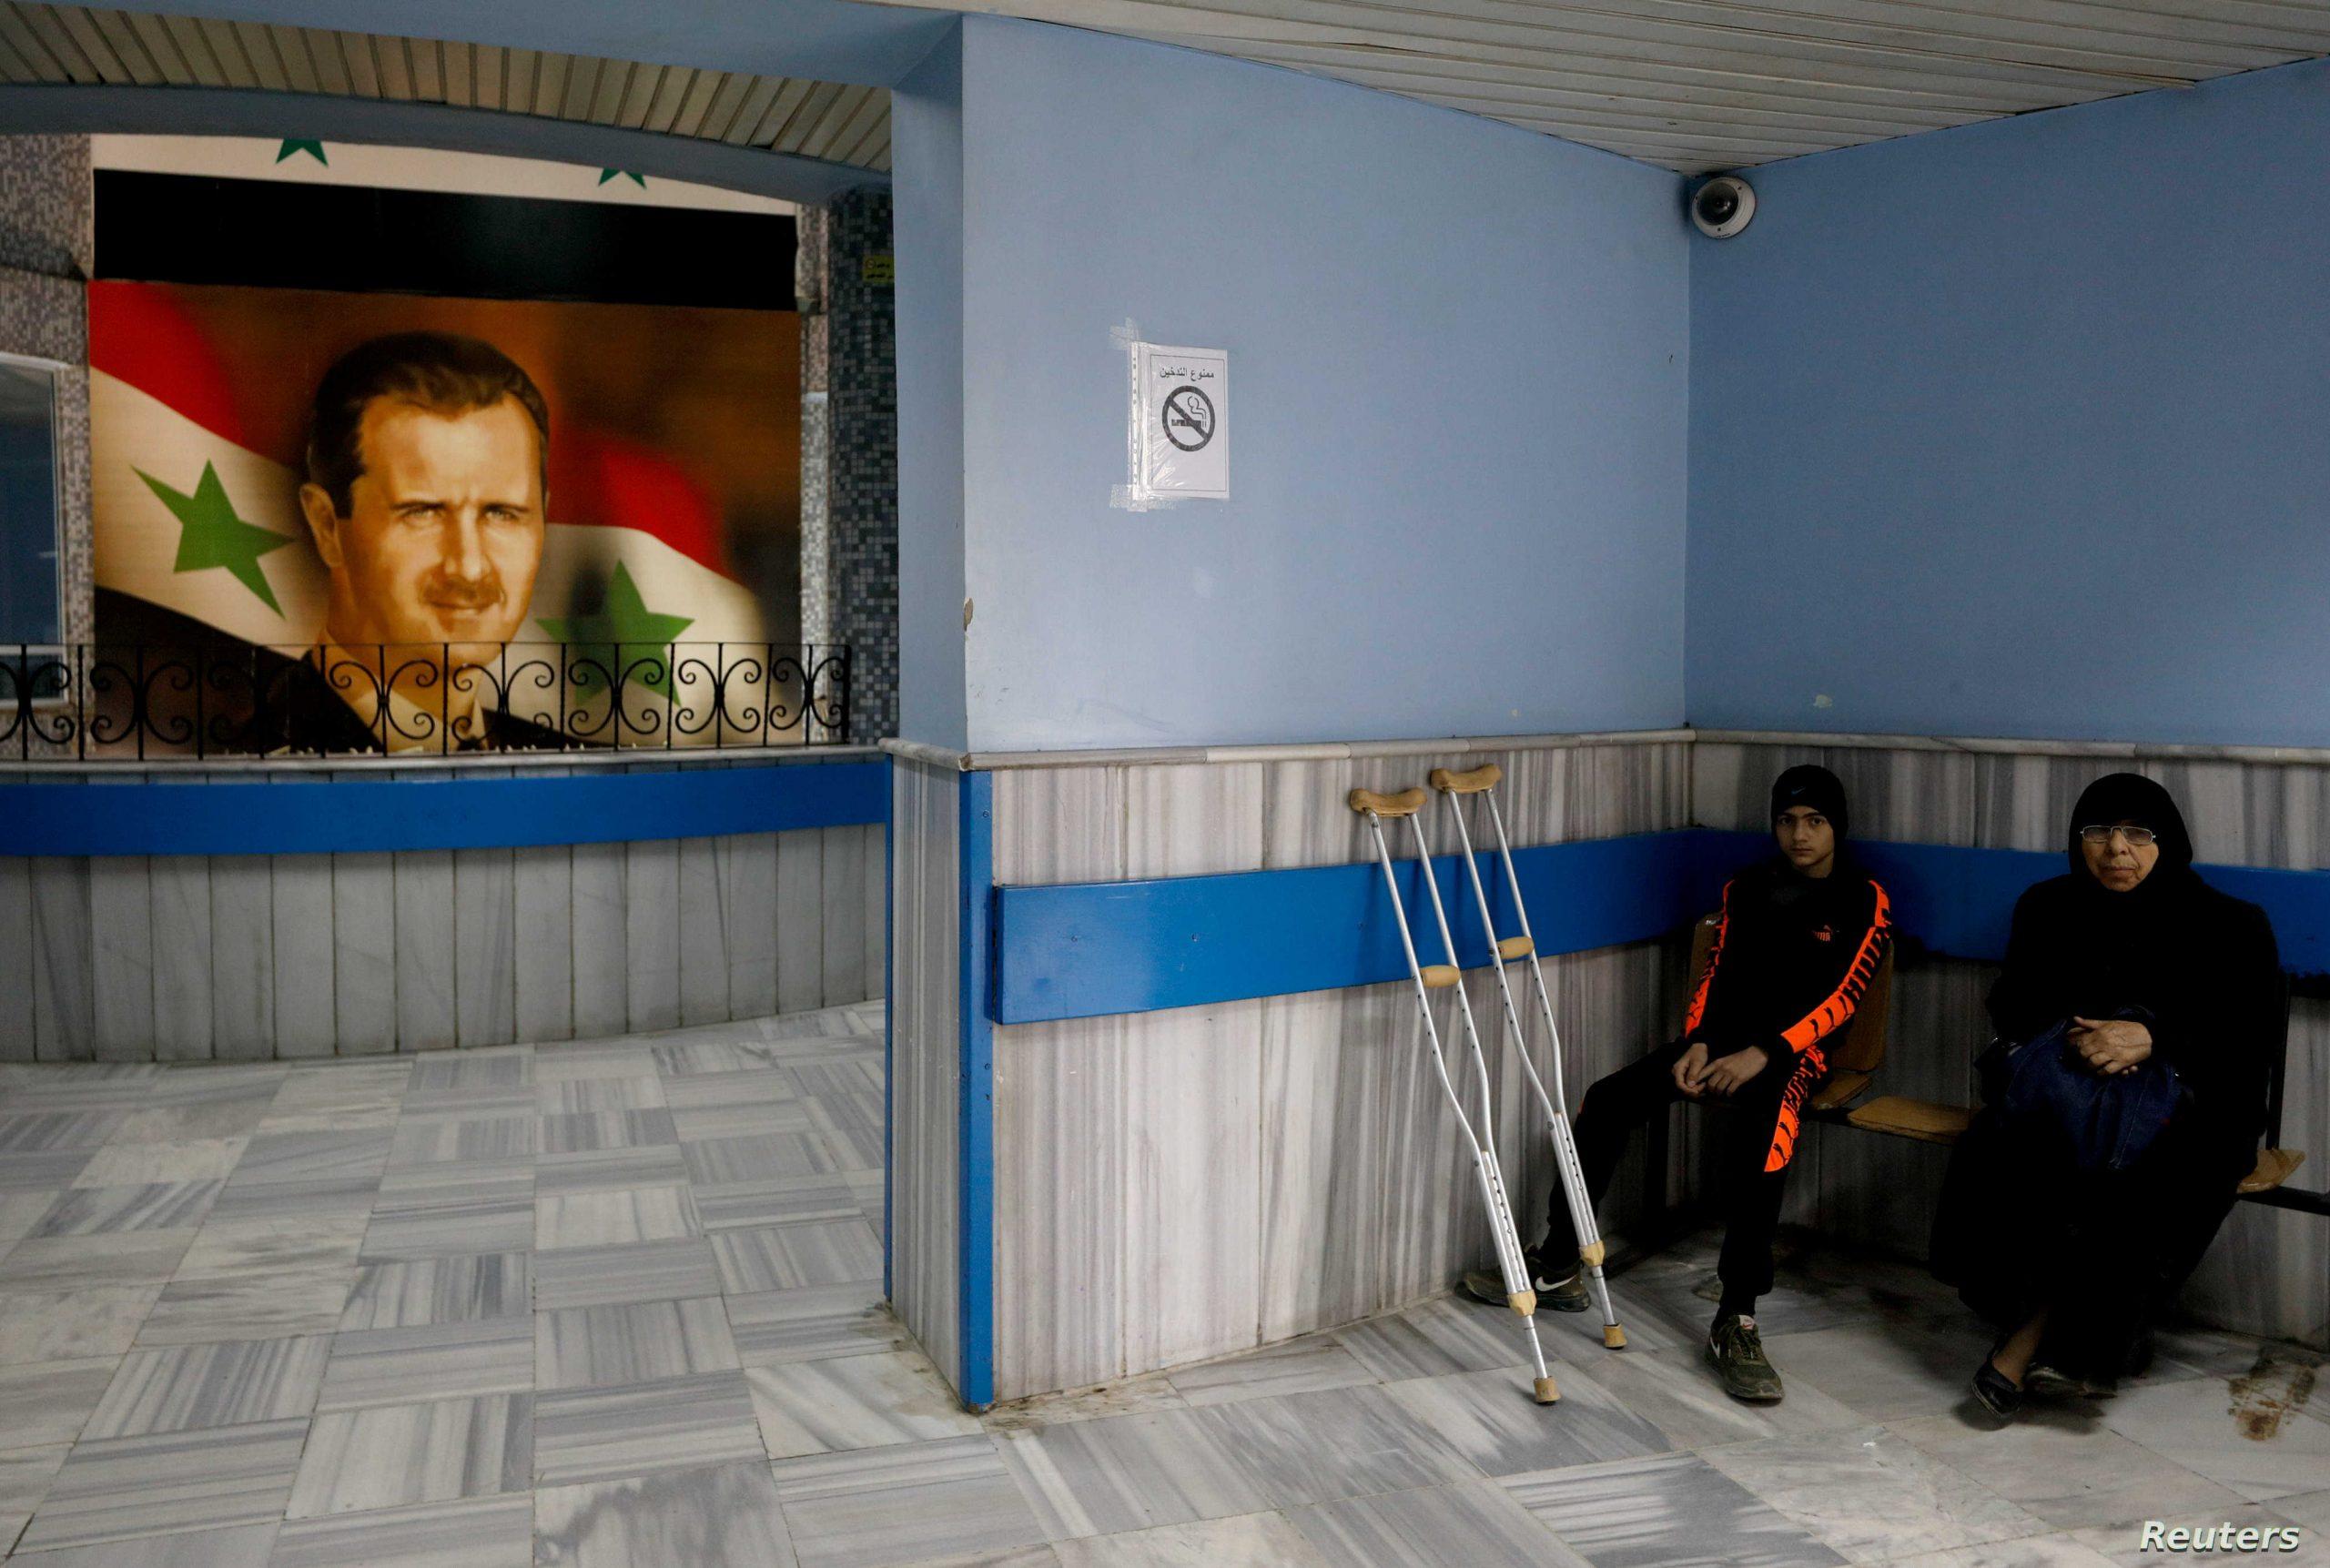 درعا.. تجمع لاجئين فلسطينيين يناشد تأمين أسطوانات الأوكسجين للمصابين بكورونا